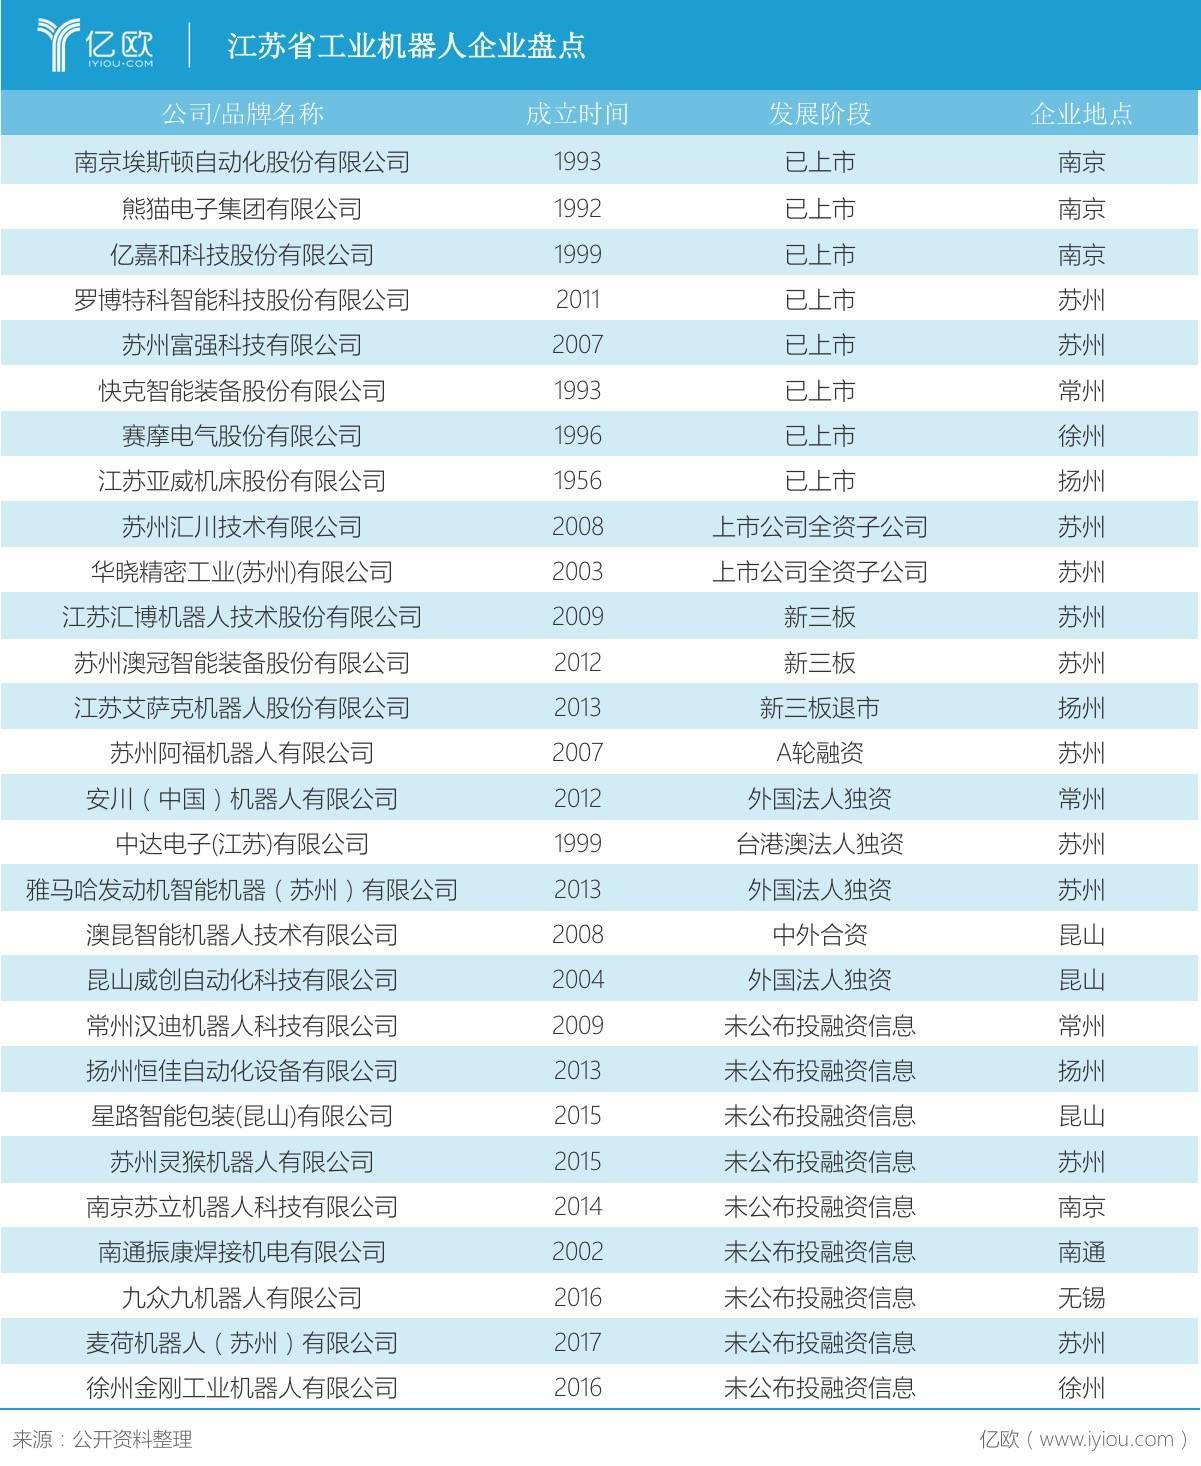 江苏省工业机器人企业盘点.jpeg